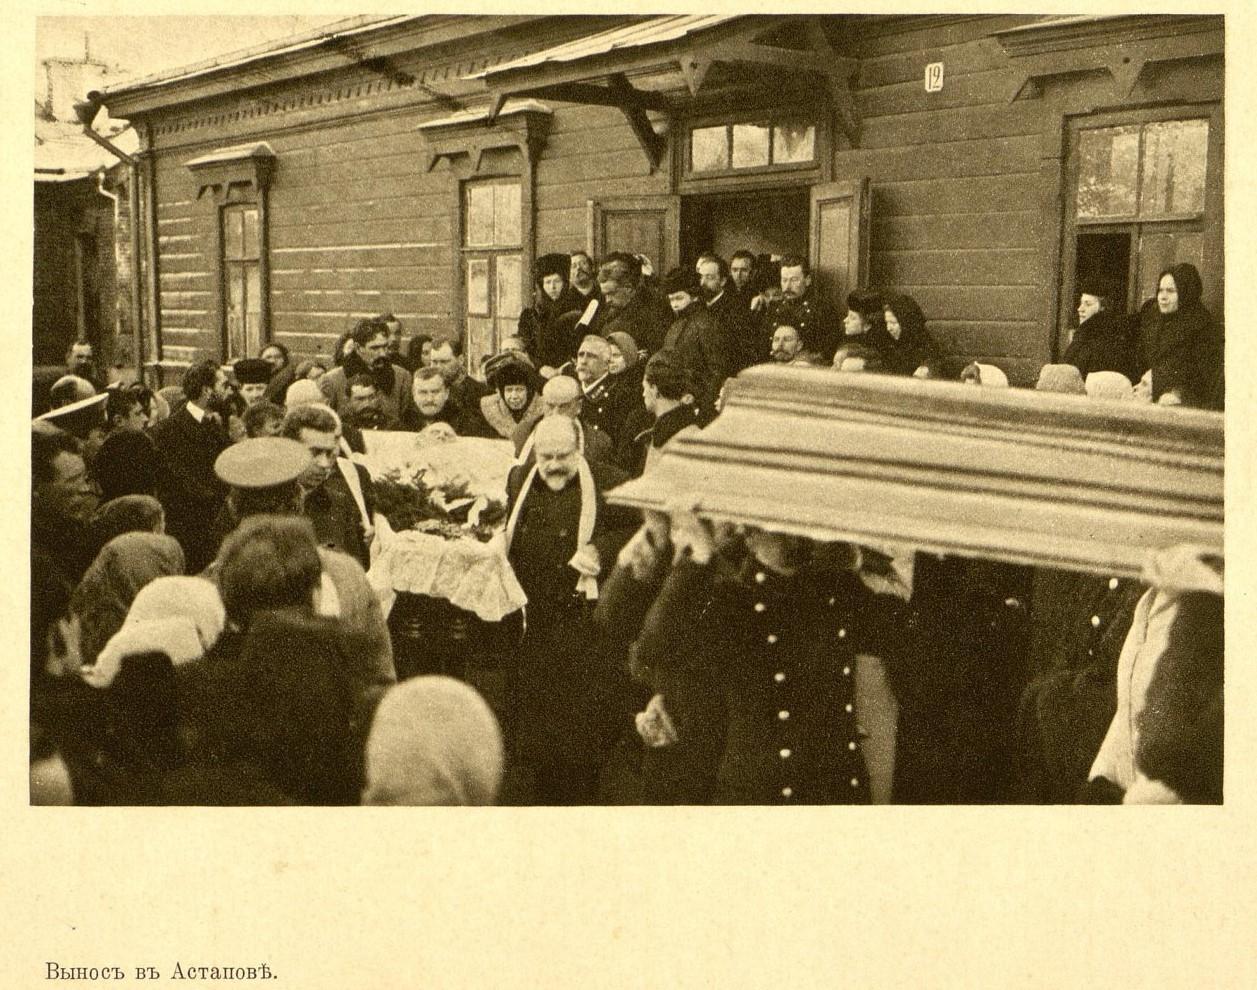 Вынос тела Л. Н. Толстого в Астапове, 1910